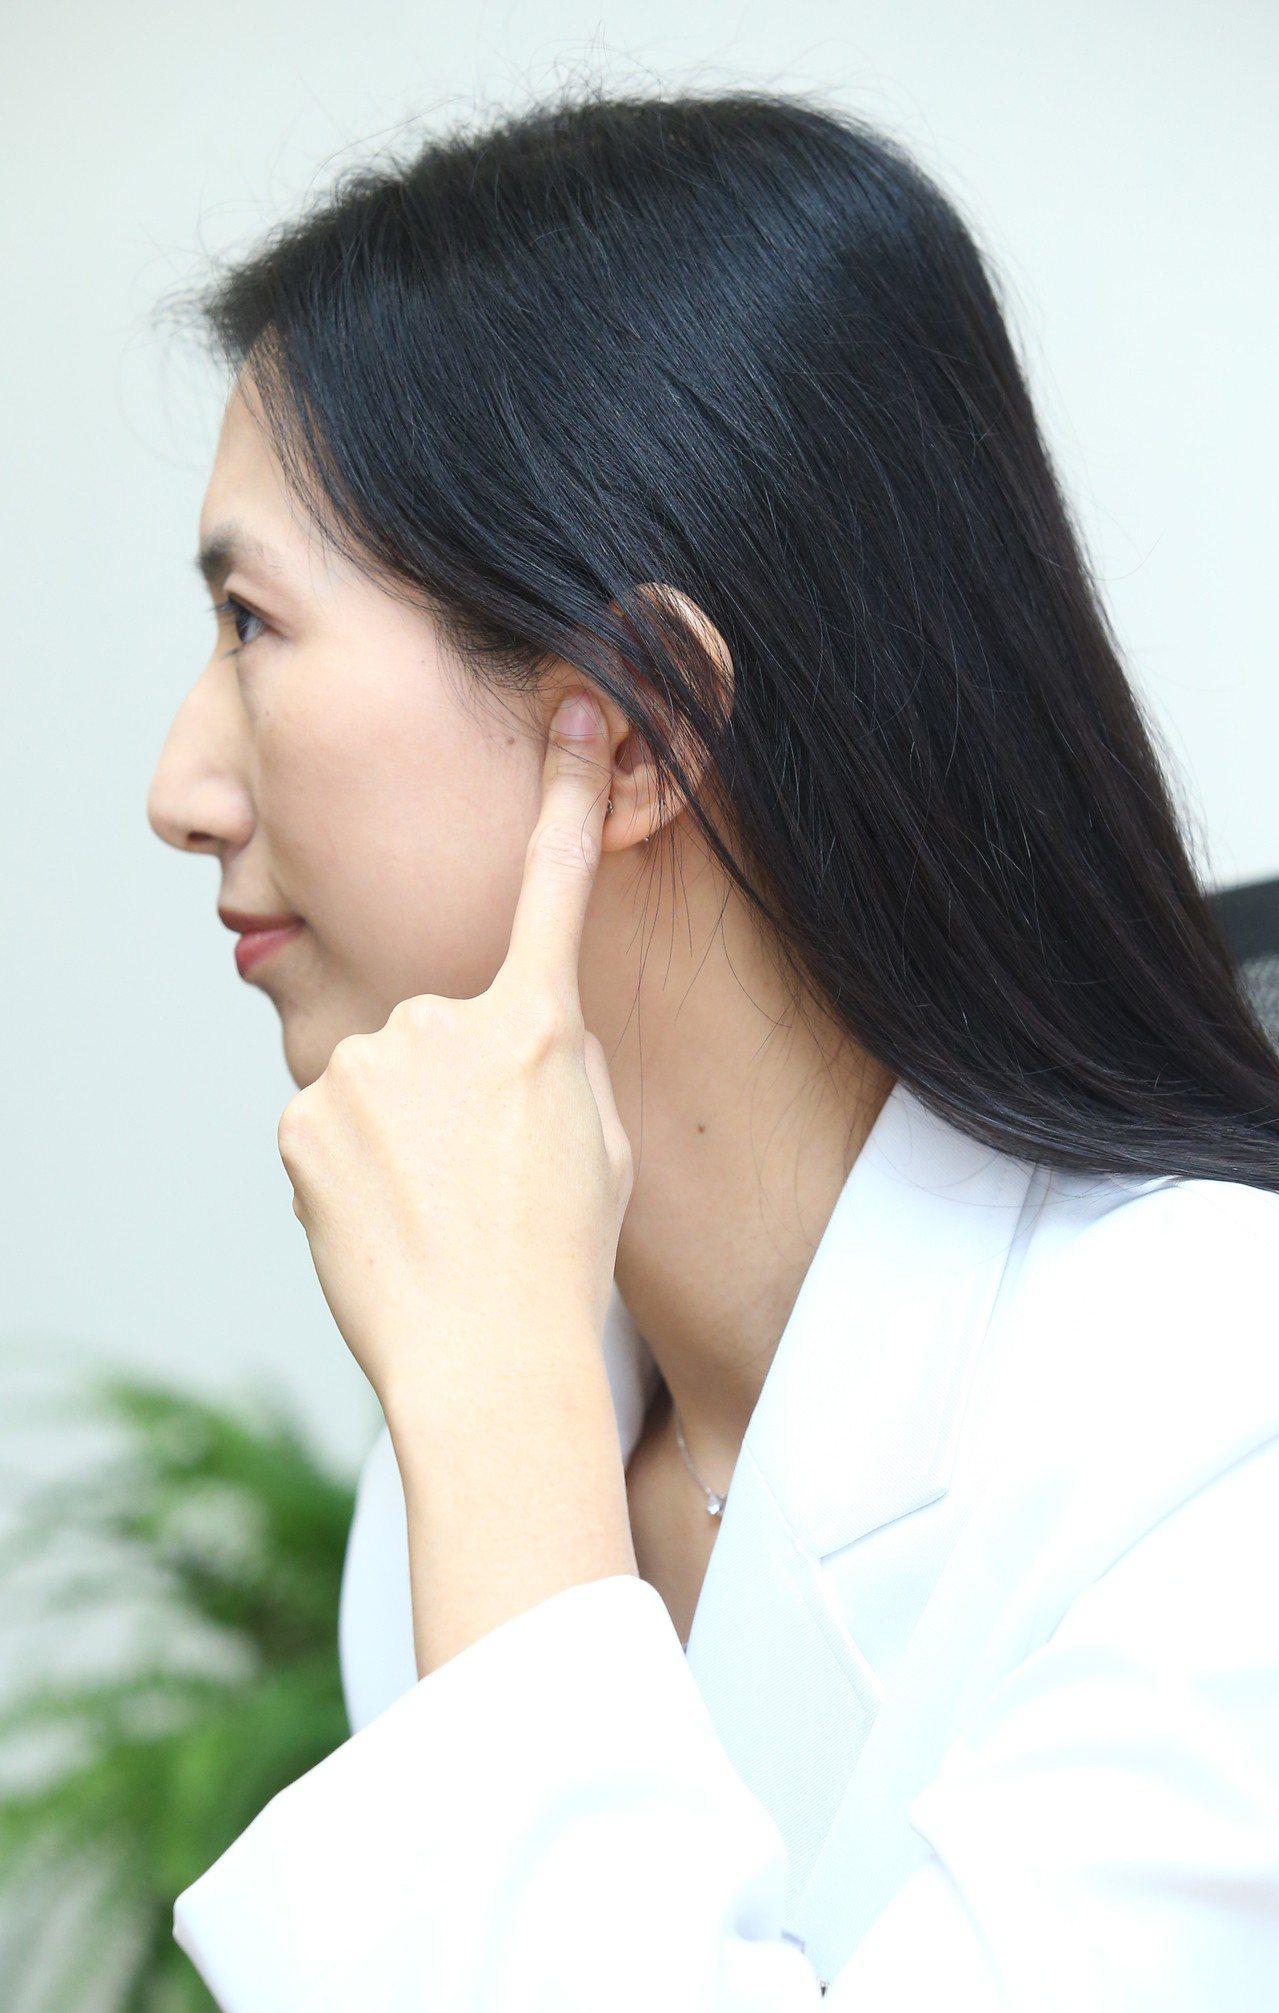 中醫師羅珮琳臉部聽宮穴。記者曾學仁/攝影